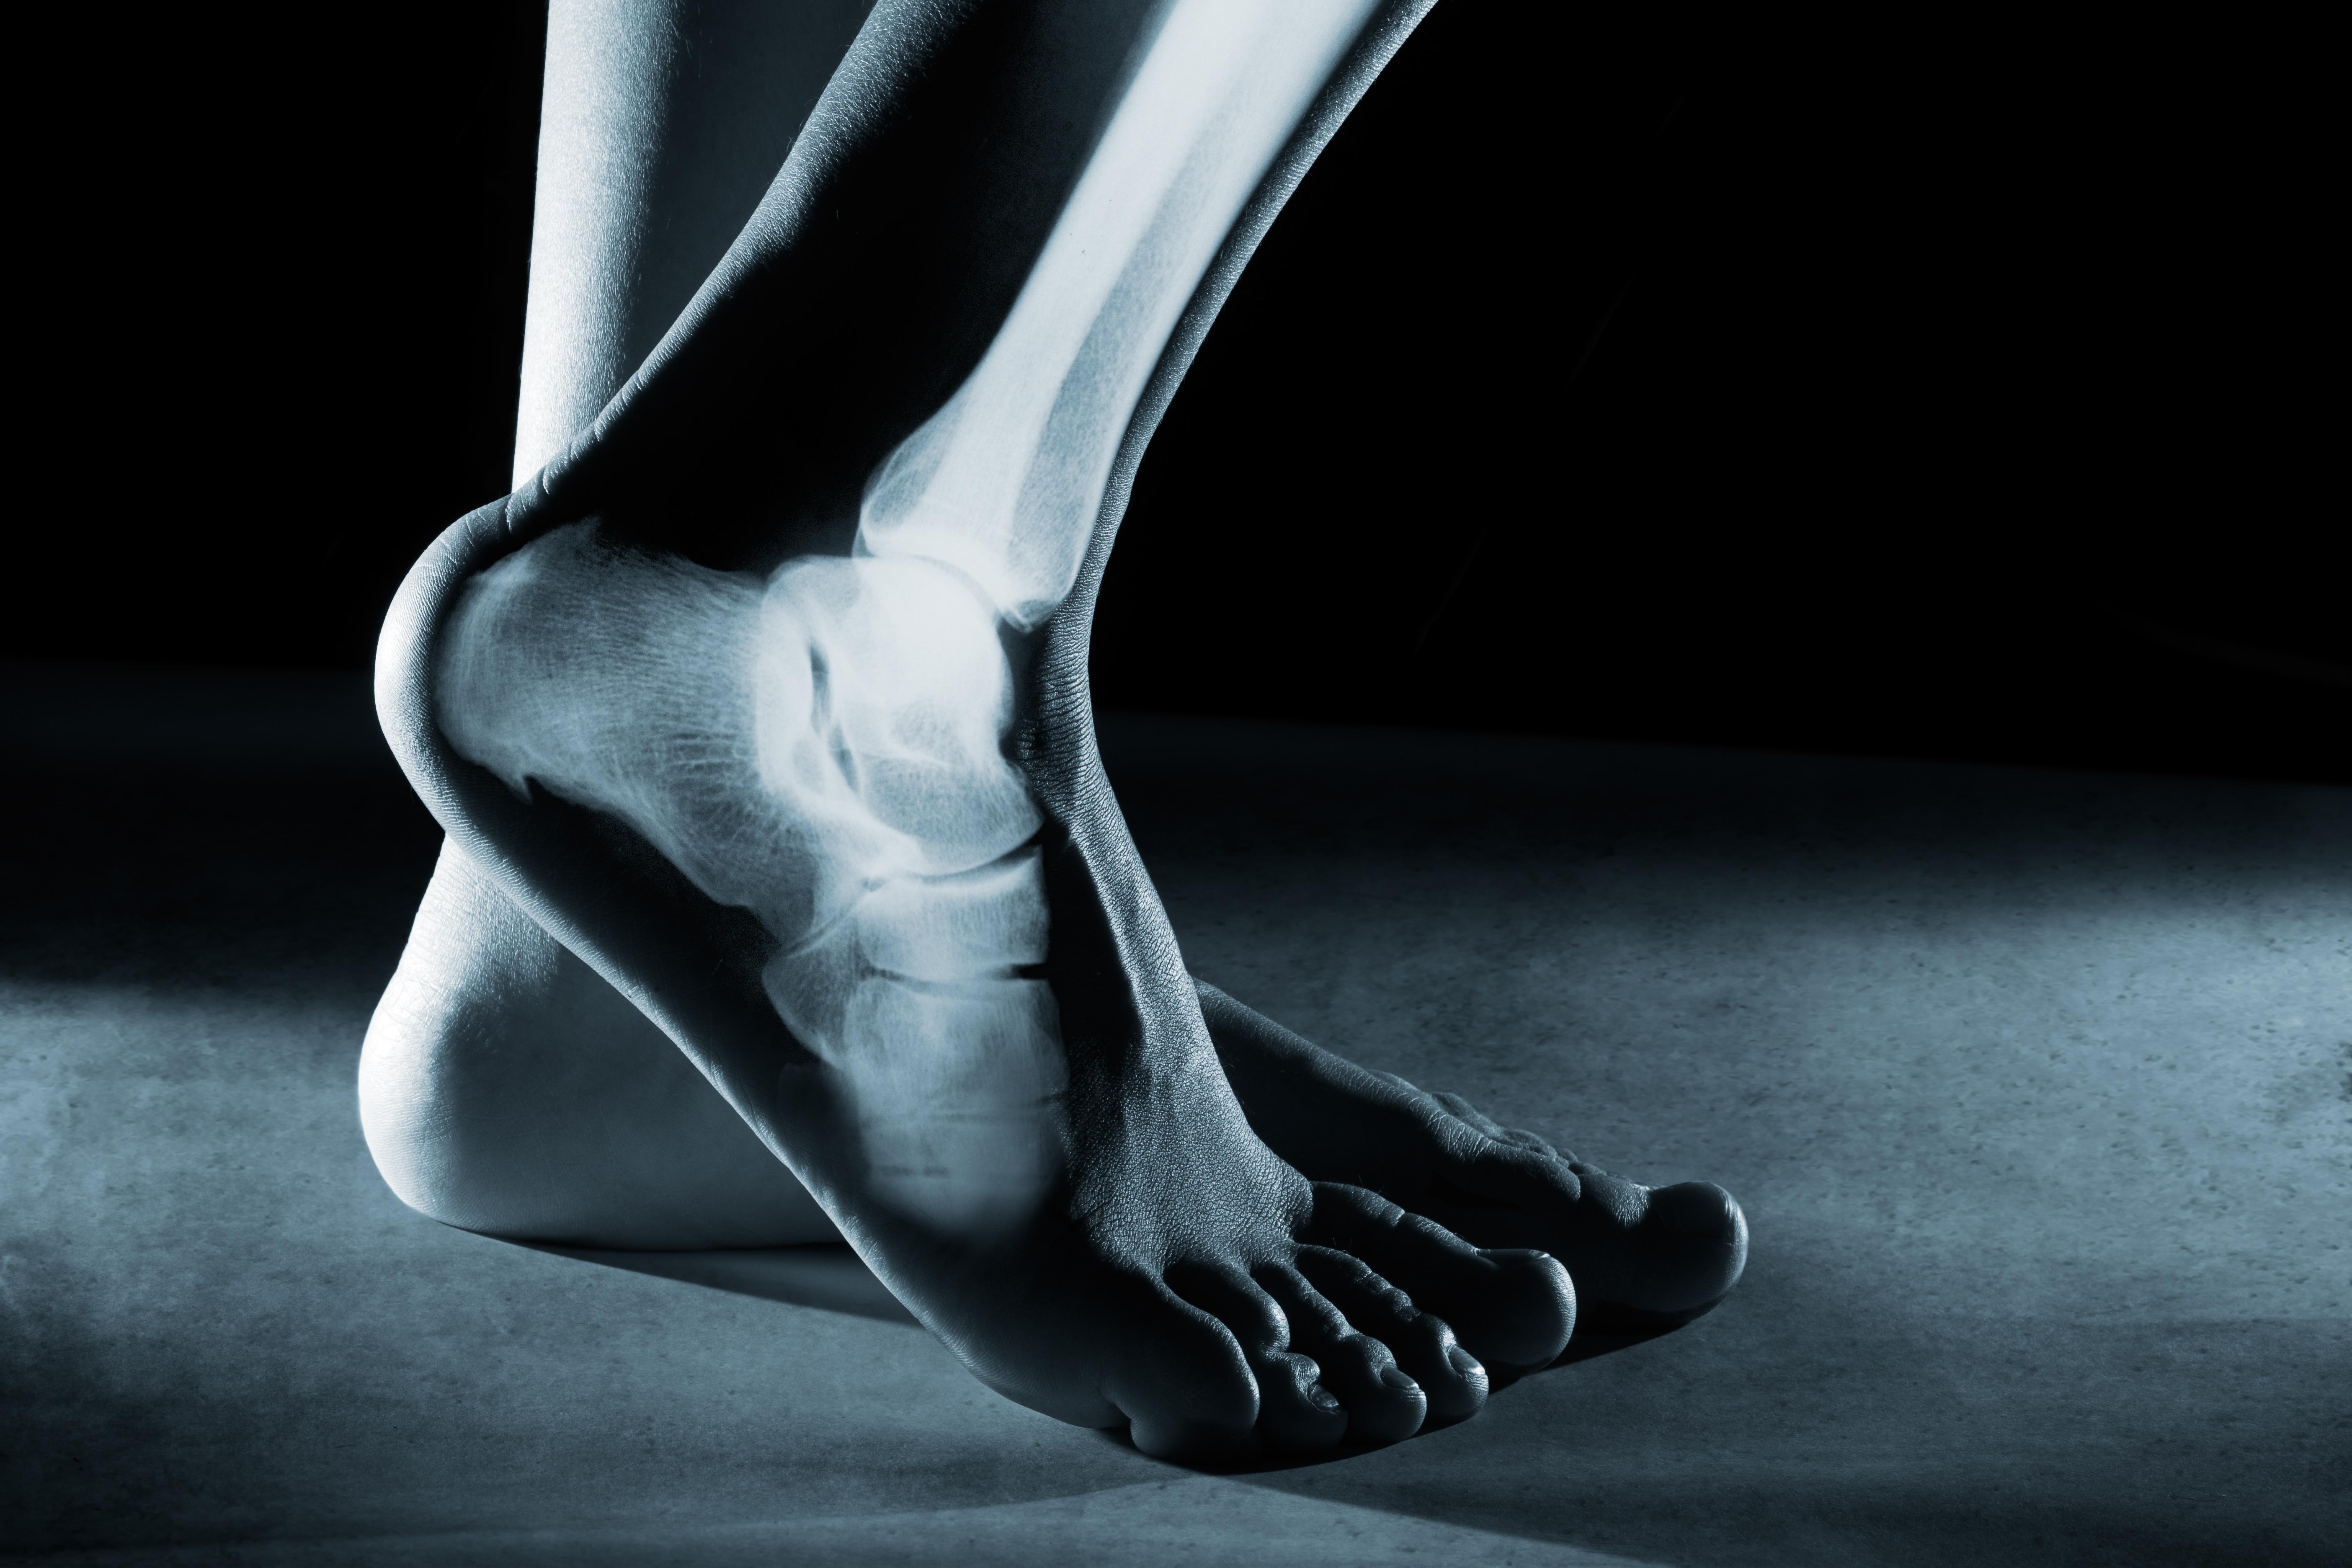 Bimalleolar Ankle Fracture